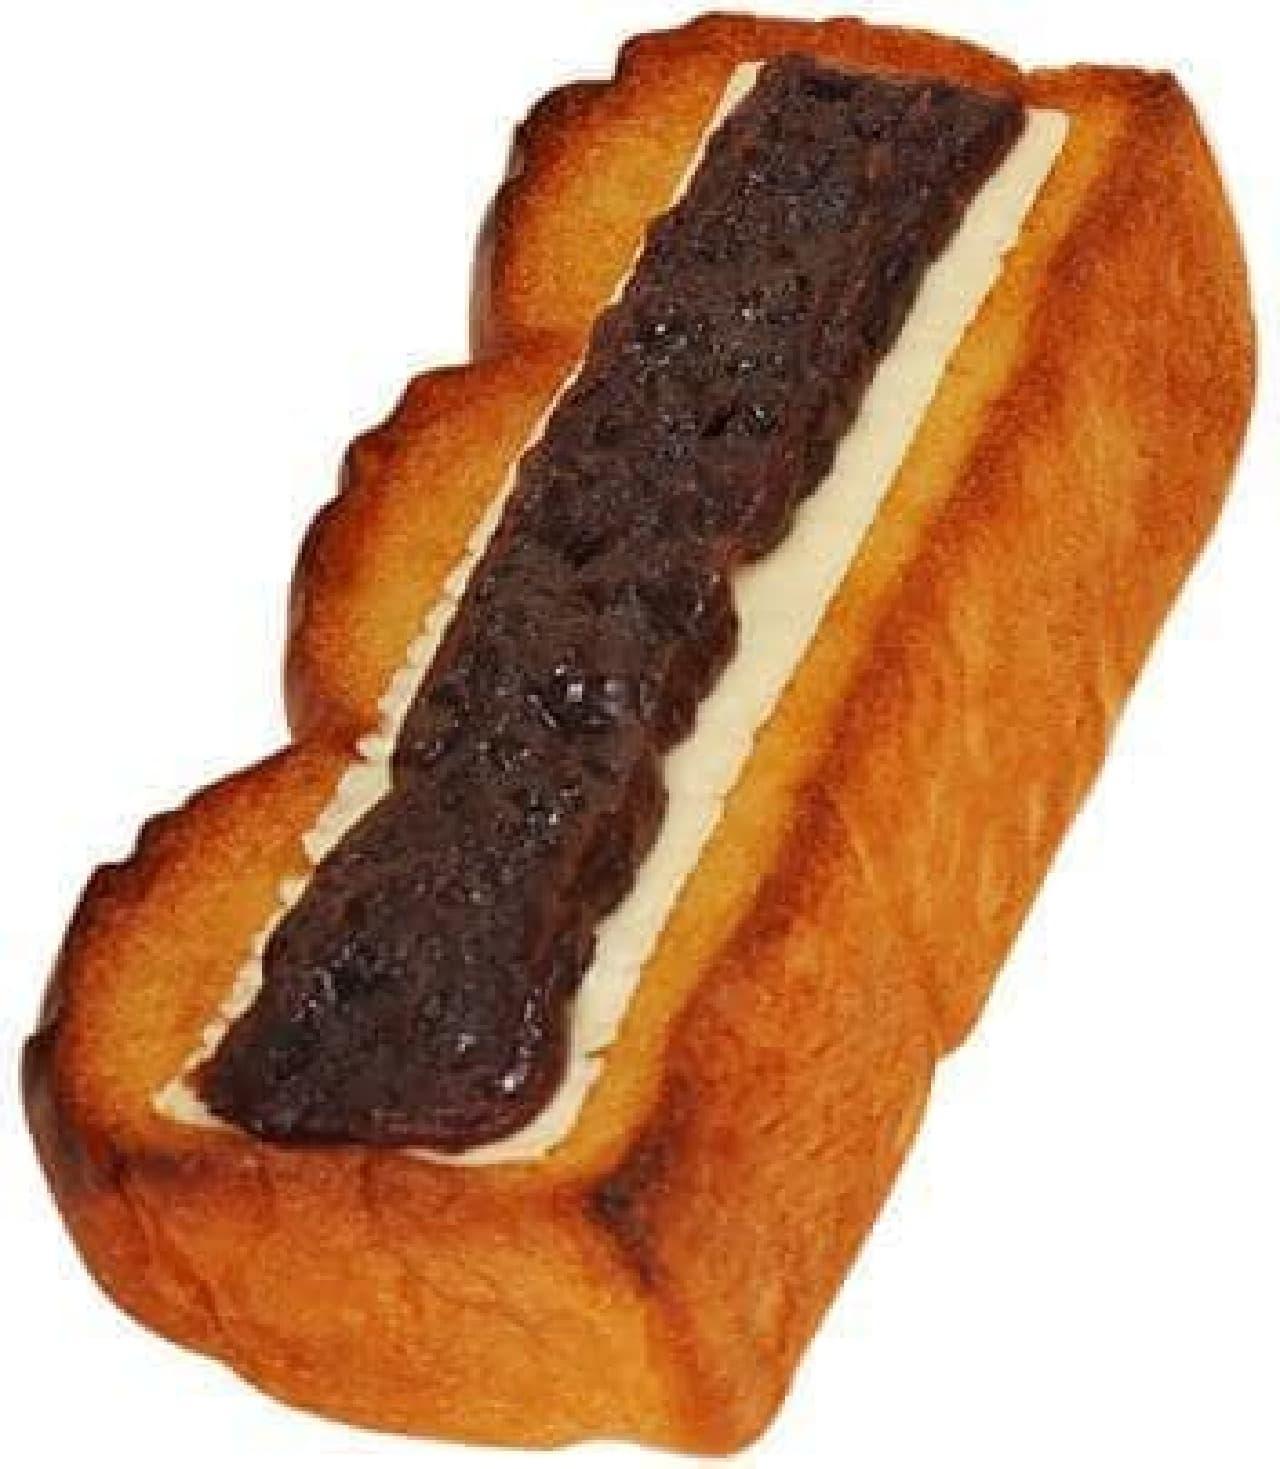 ファミマ、今週発売の気になる菓子パン